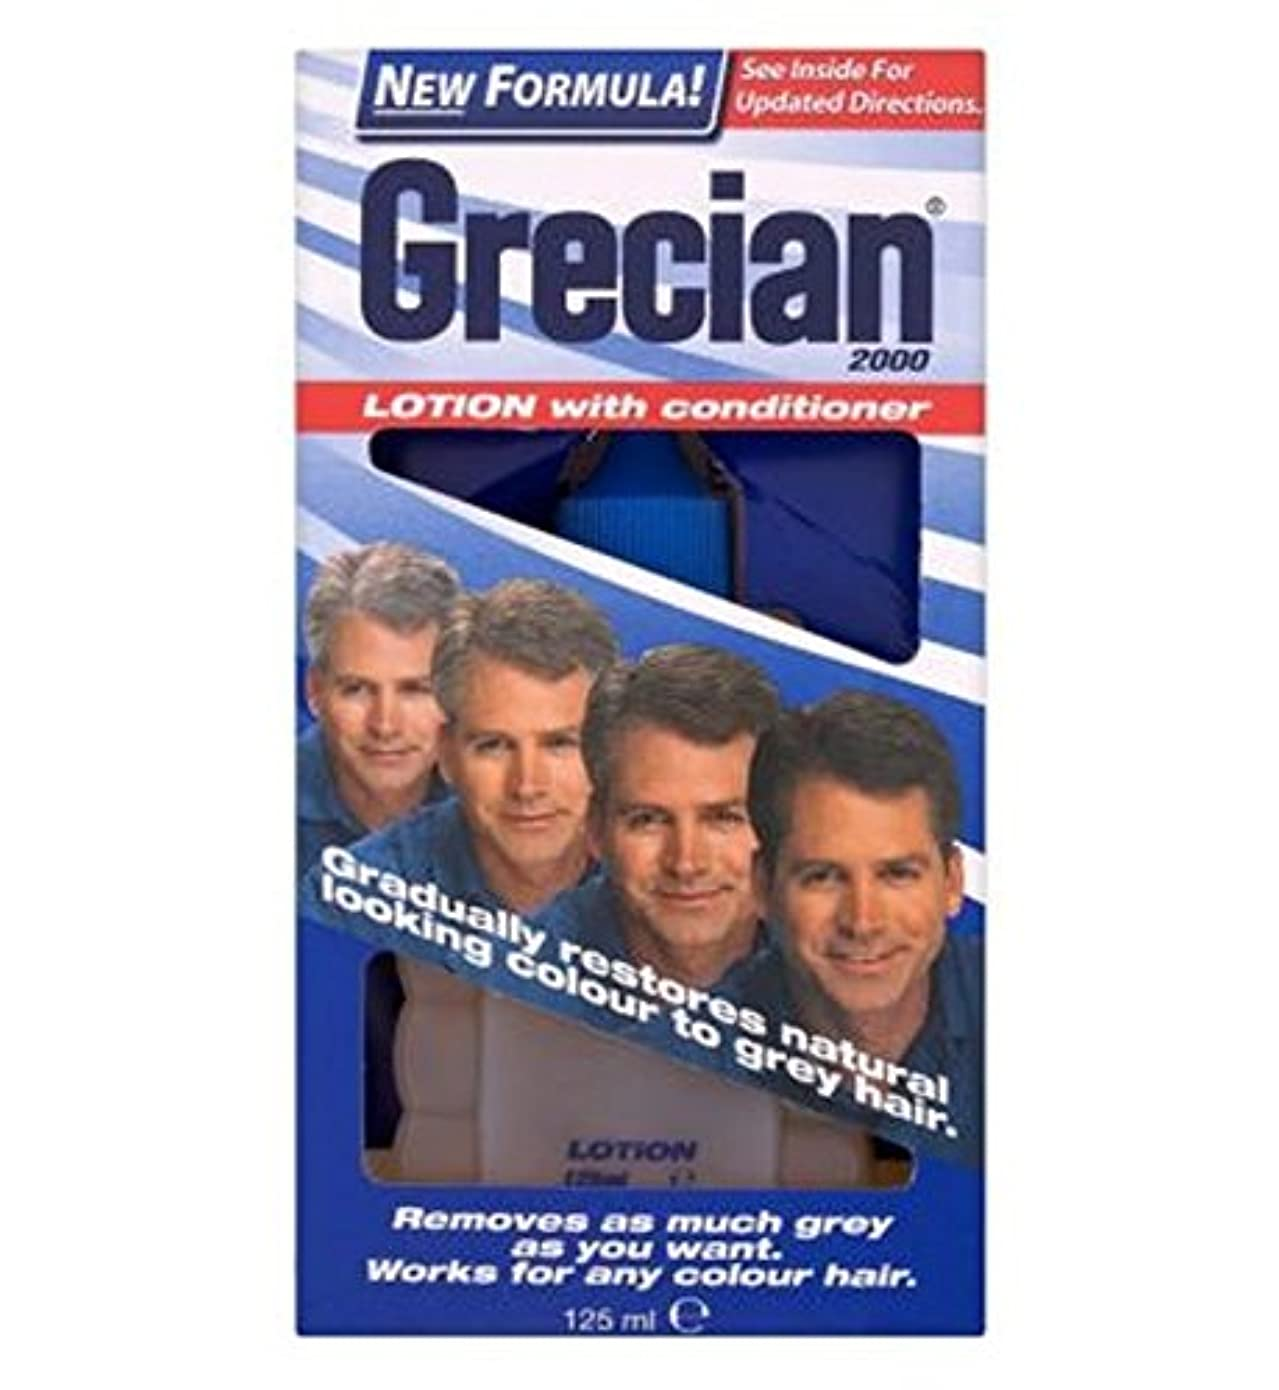 憲法ヒールそうGrecian 2000 Men's Hair Colour Lotion - ギリシャの2000メンズヘアカラーローション (Grecian) [並行輸入品]